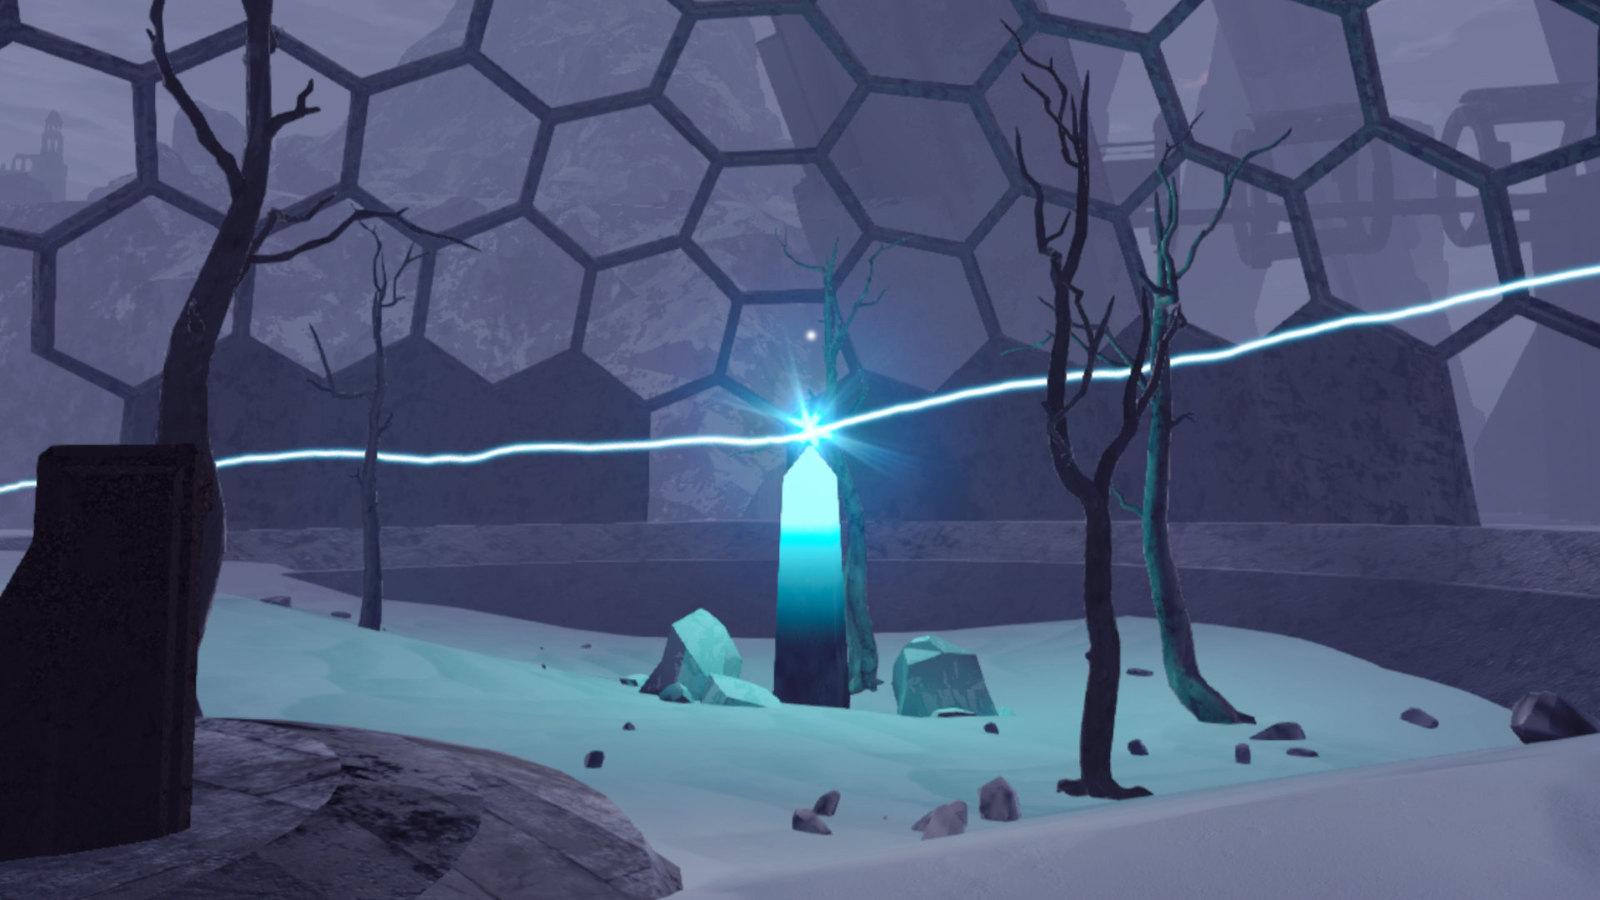 49597329218 8a054b019d h - Entdeckt die meditative Welt von Separation diese Woche in PS VR